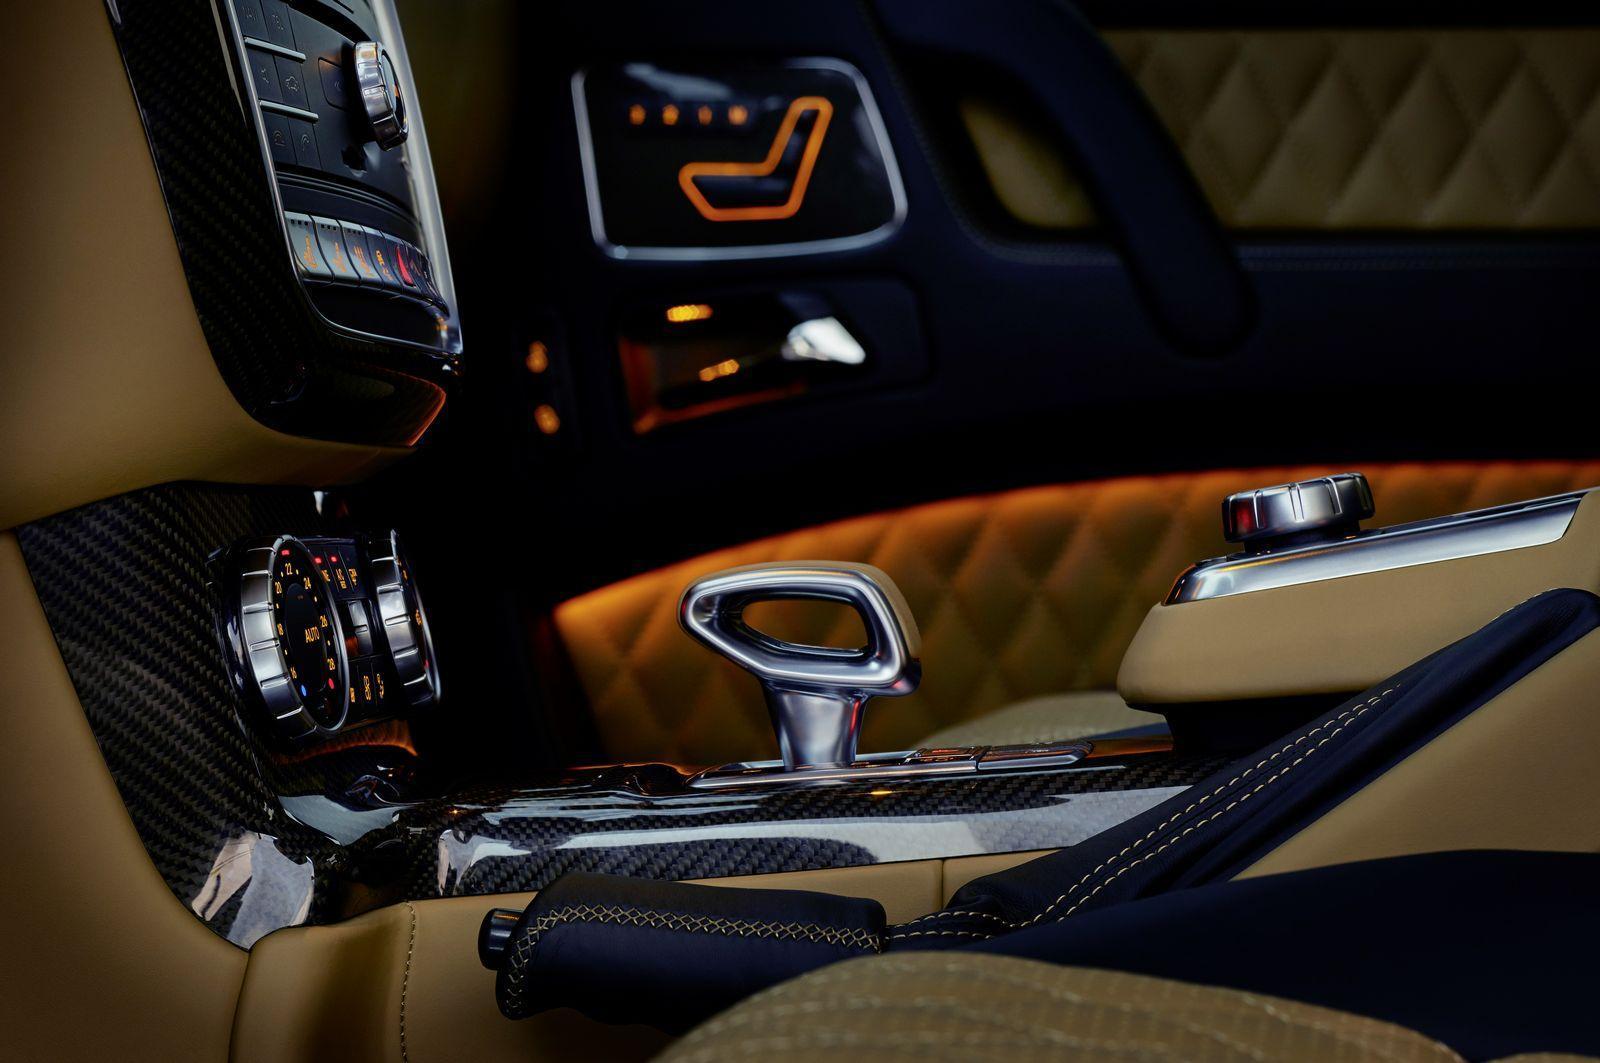 Mercedes-Benz E-Class Coupe si Mercedes-Maybach G650 Landaulet - Mercedes-Benz E-Class Coupe si Mercedes-Maybach G650 Landaulet